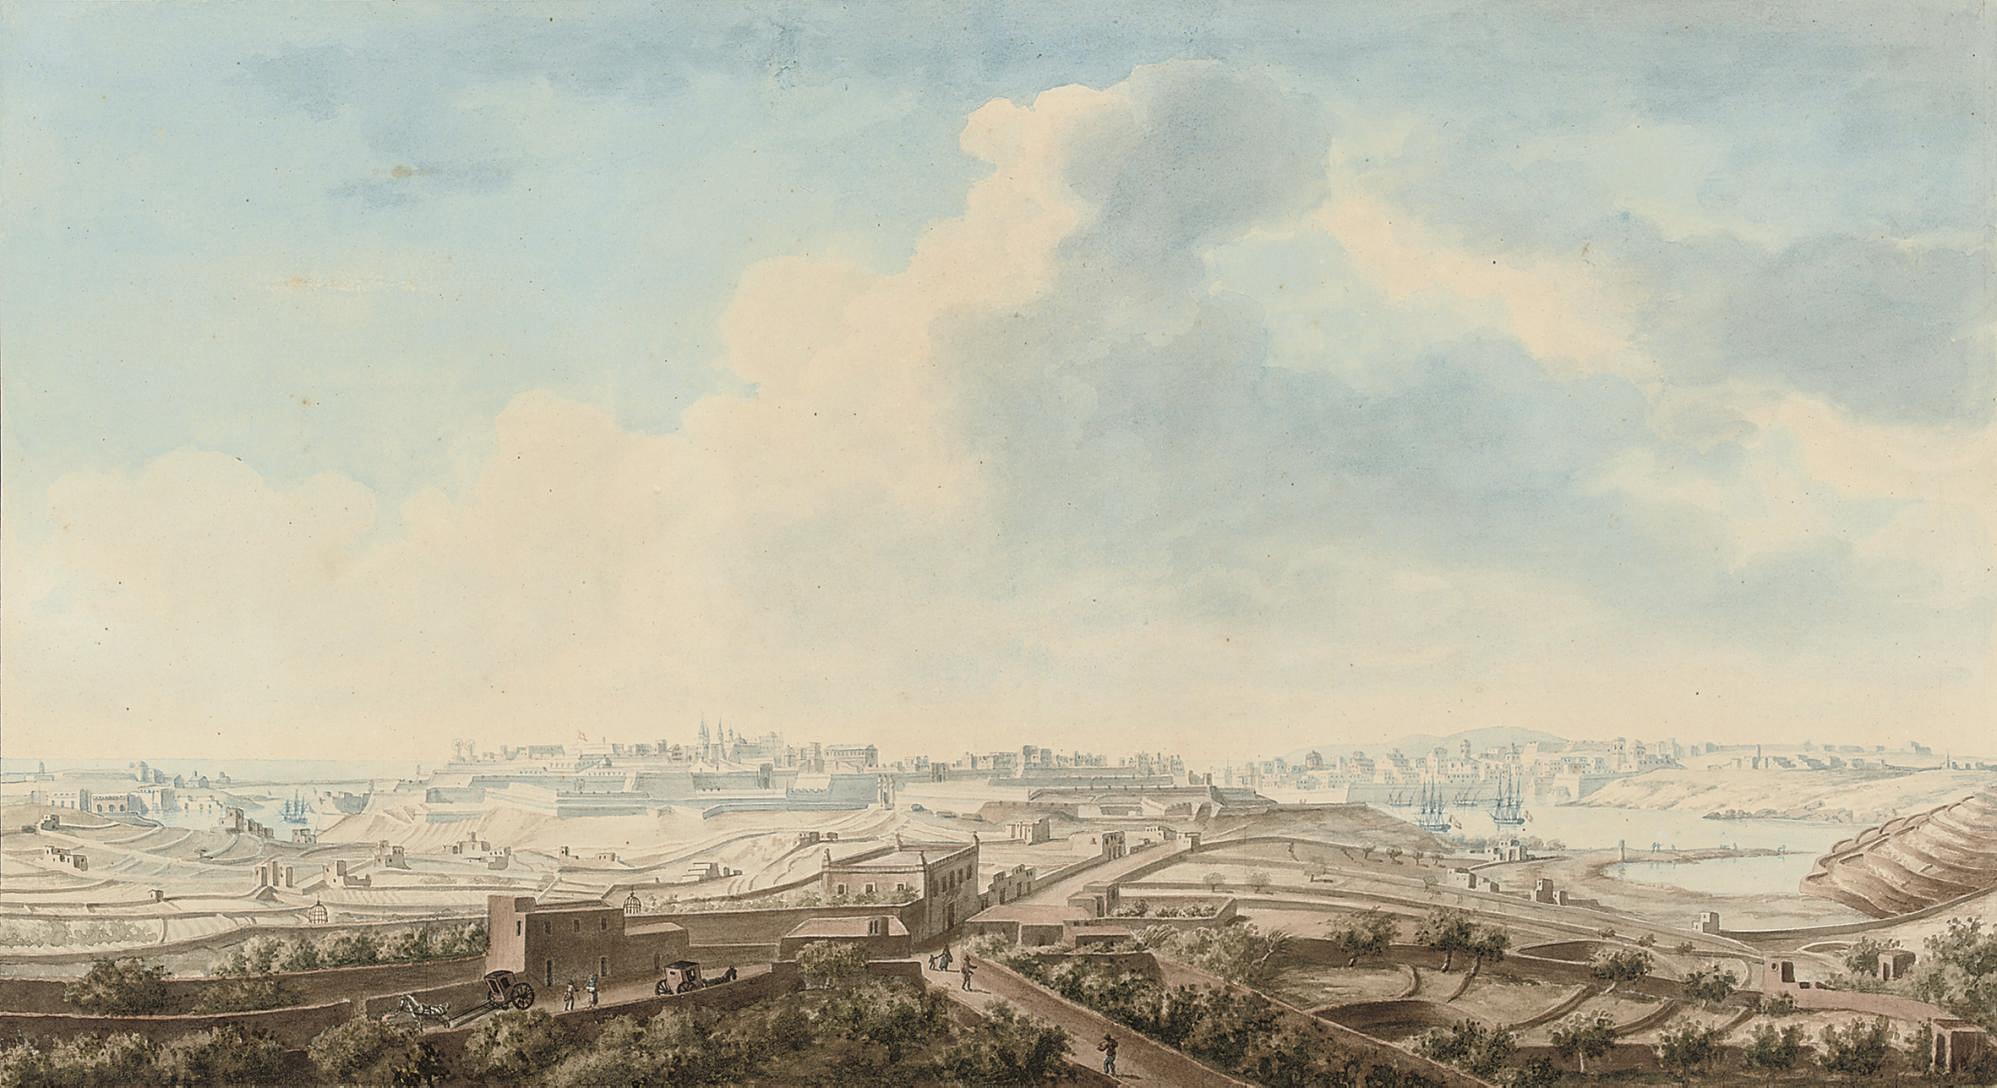 Vue de la ville Valette prise de la campagne